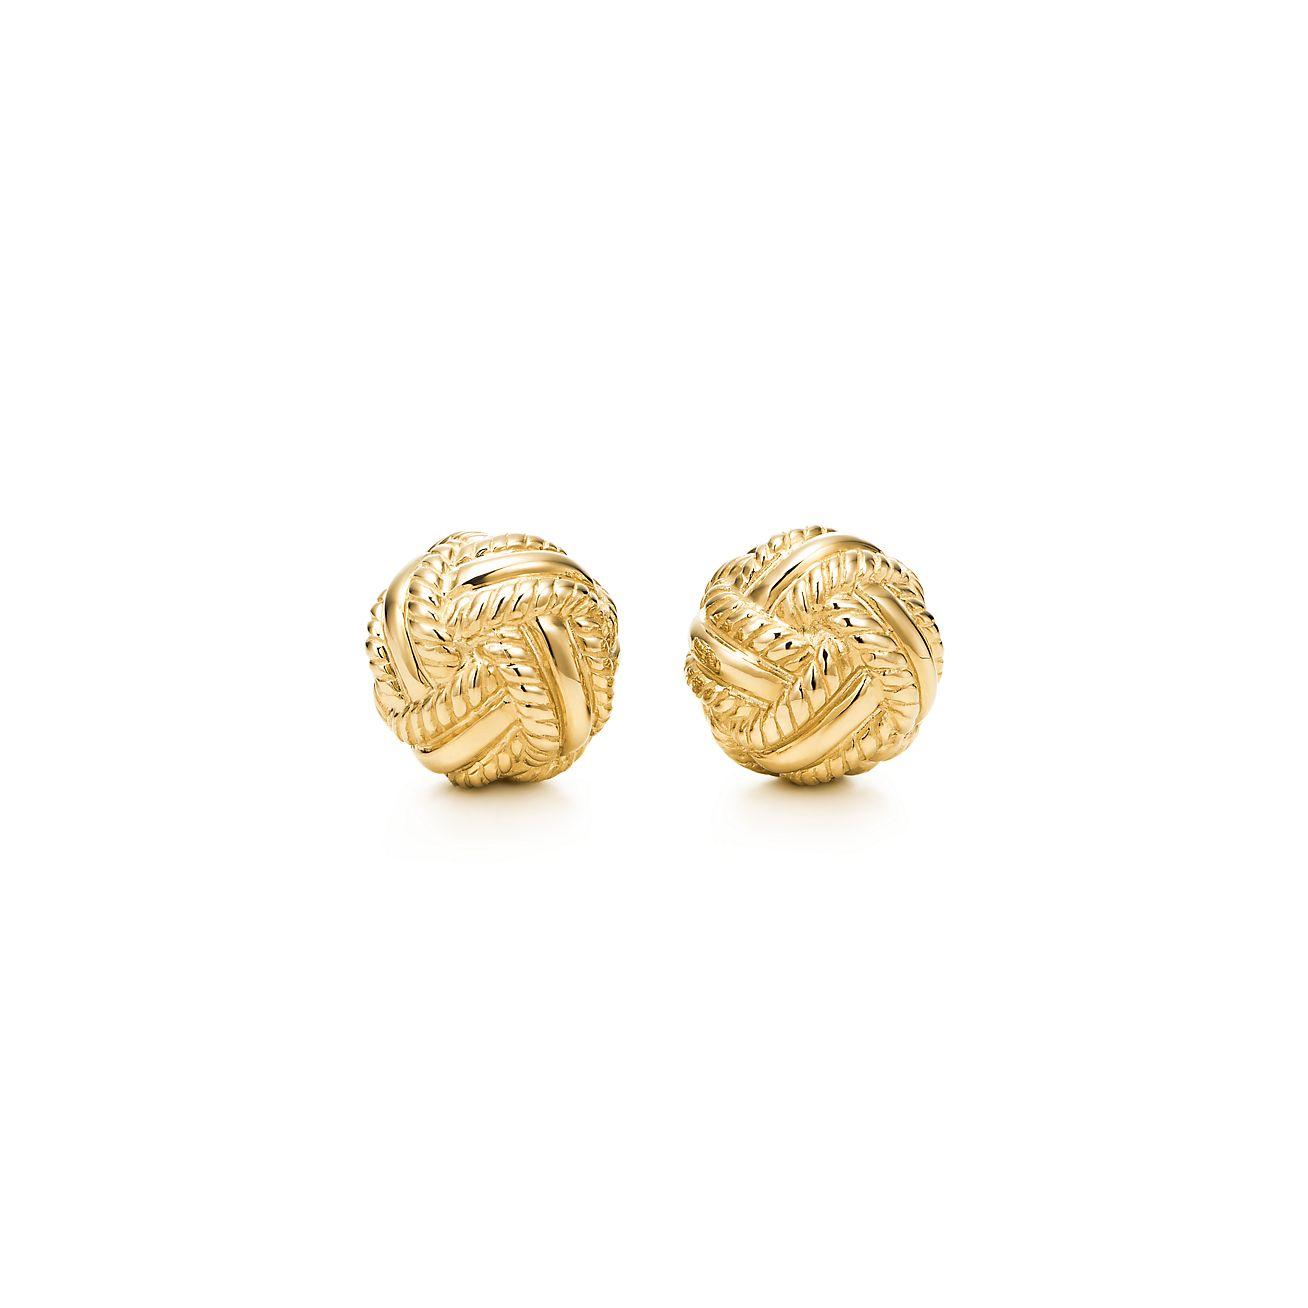 Tiffany Co Schlumberger Love Knot Earrings In 18k Gold Tiffany Co